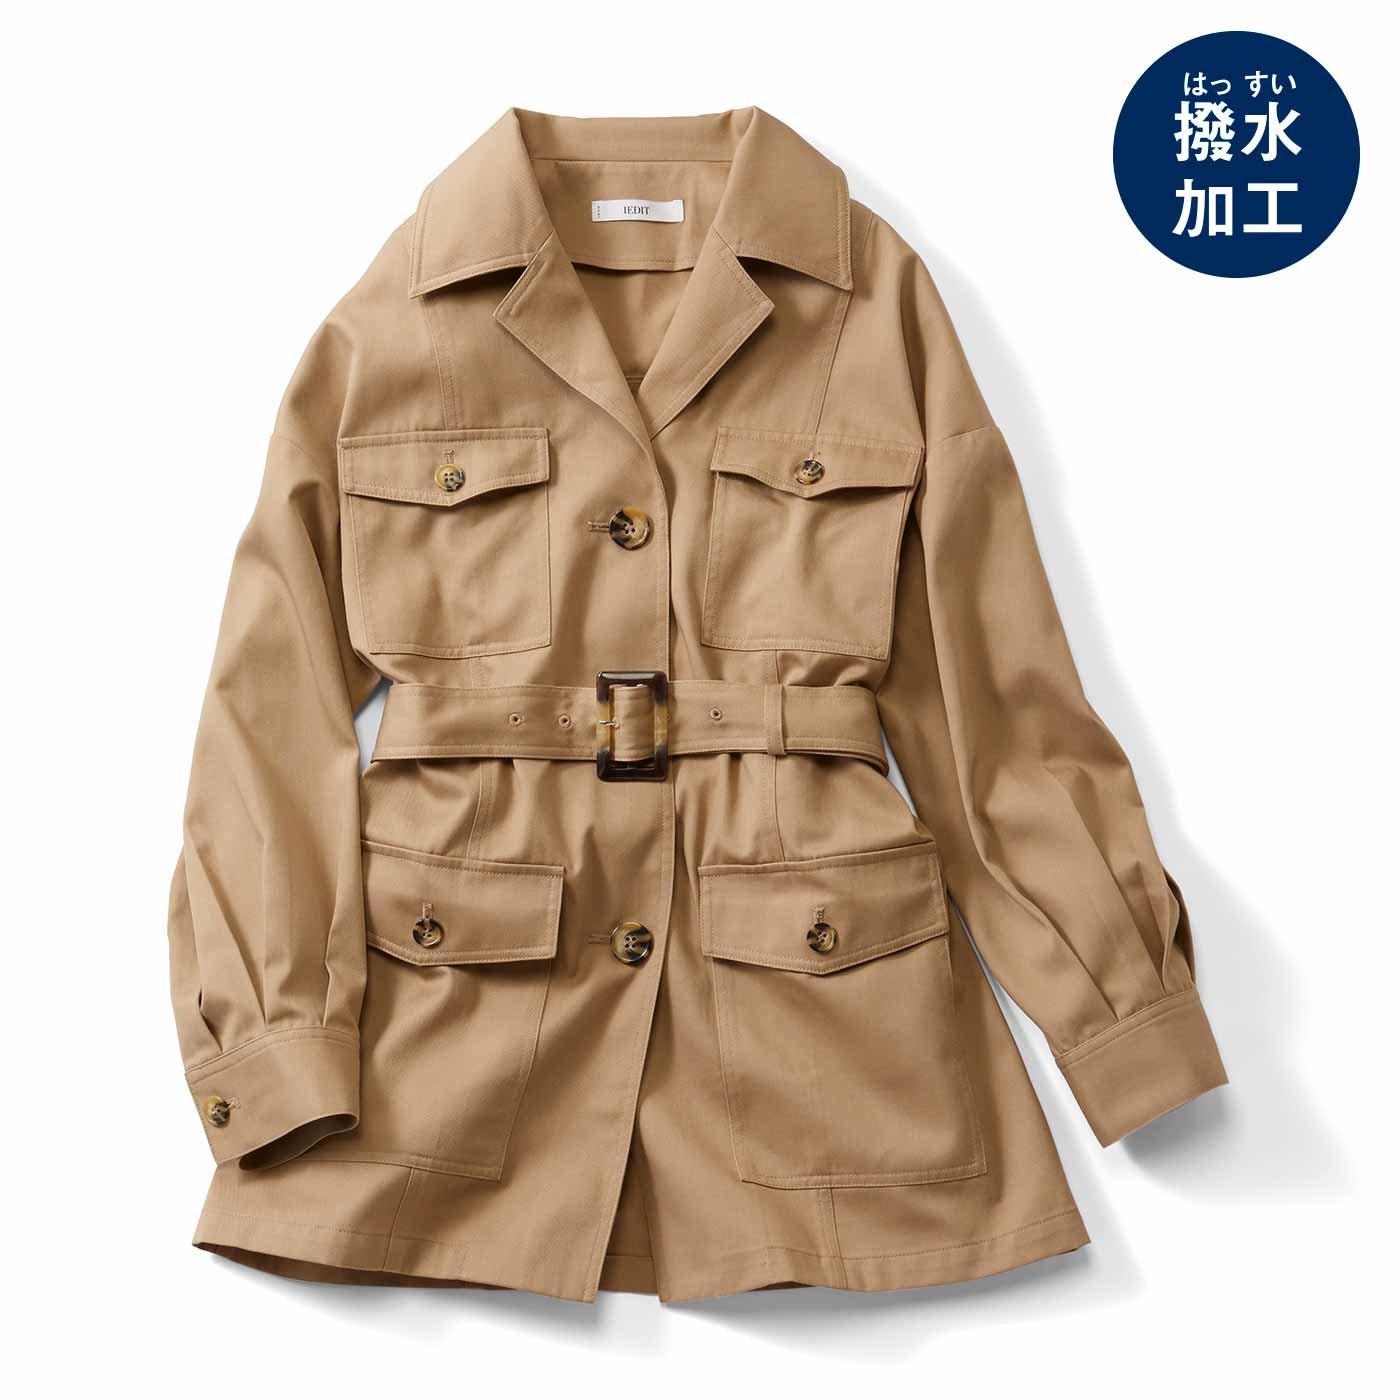 【3~10日でお届け】IEDIT[イディット] きれいめスタイルにも似合う ベルト付きCPOジャケット〈ベージュ〉